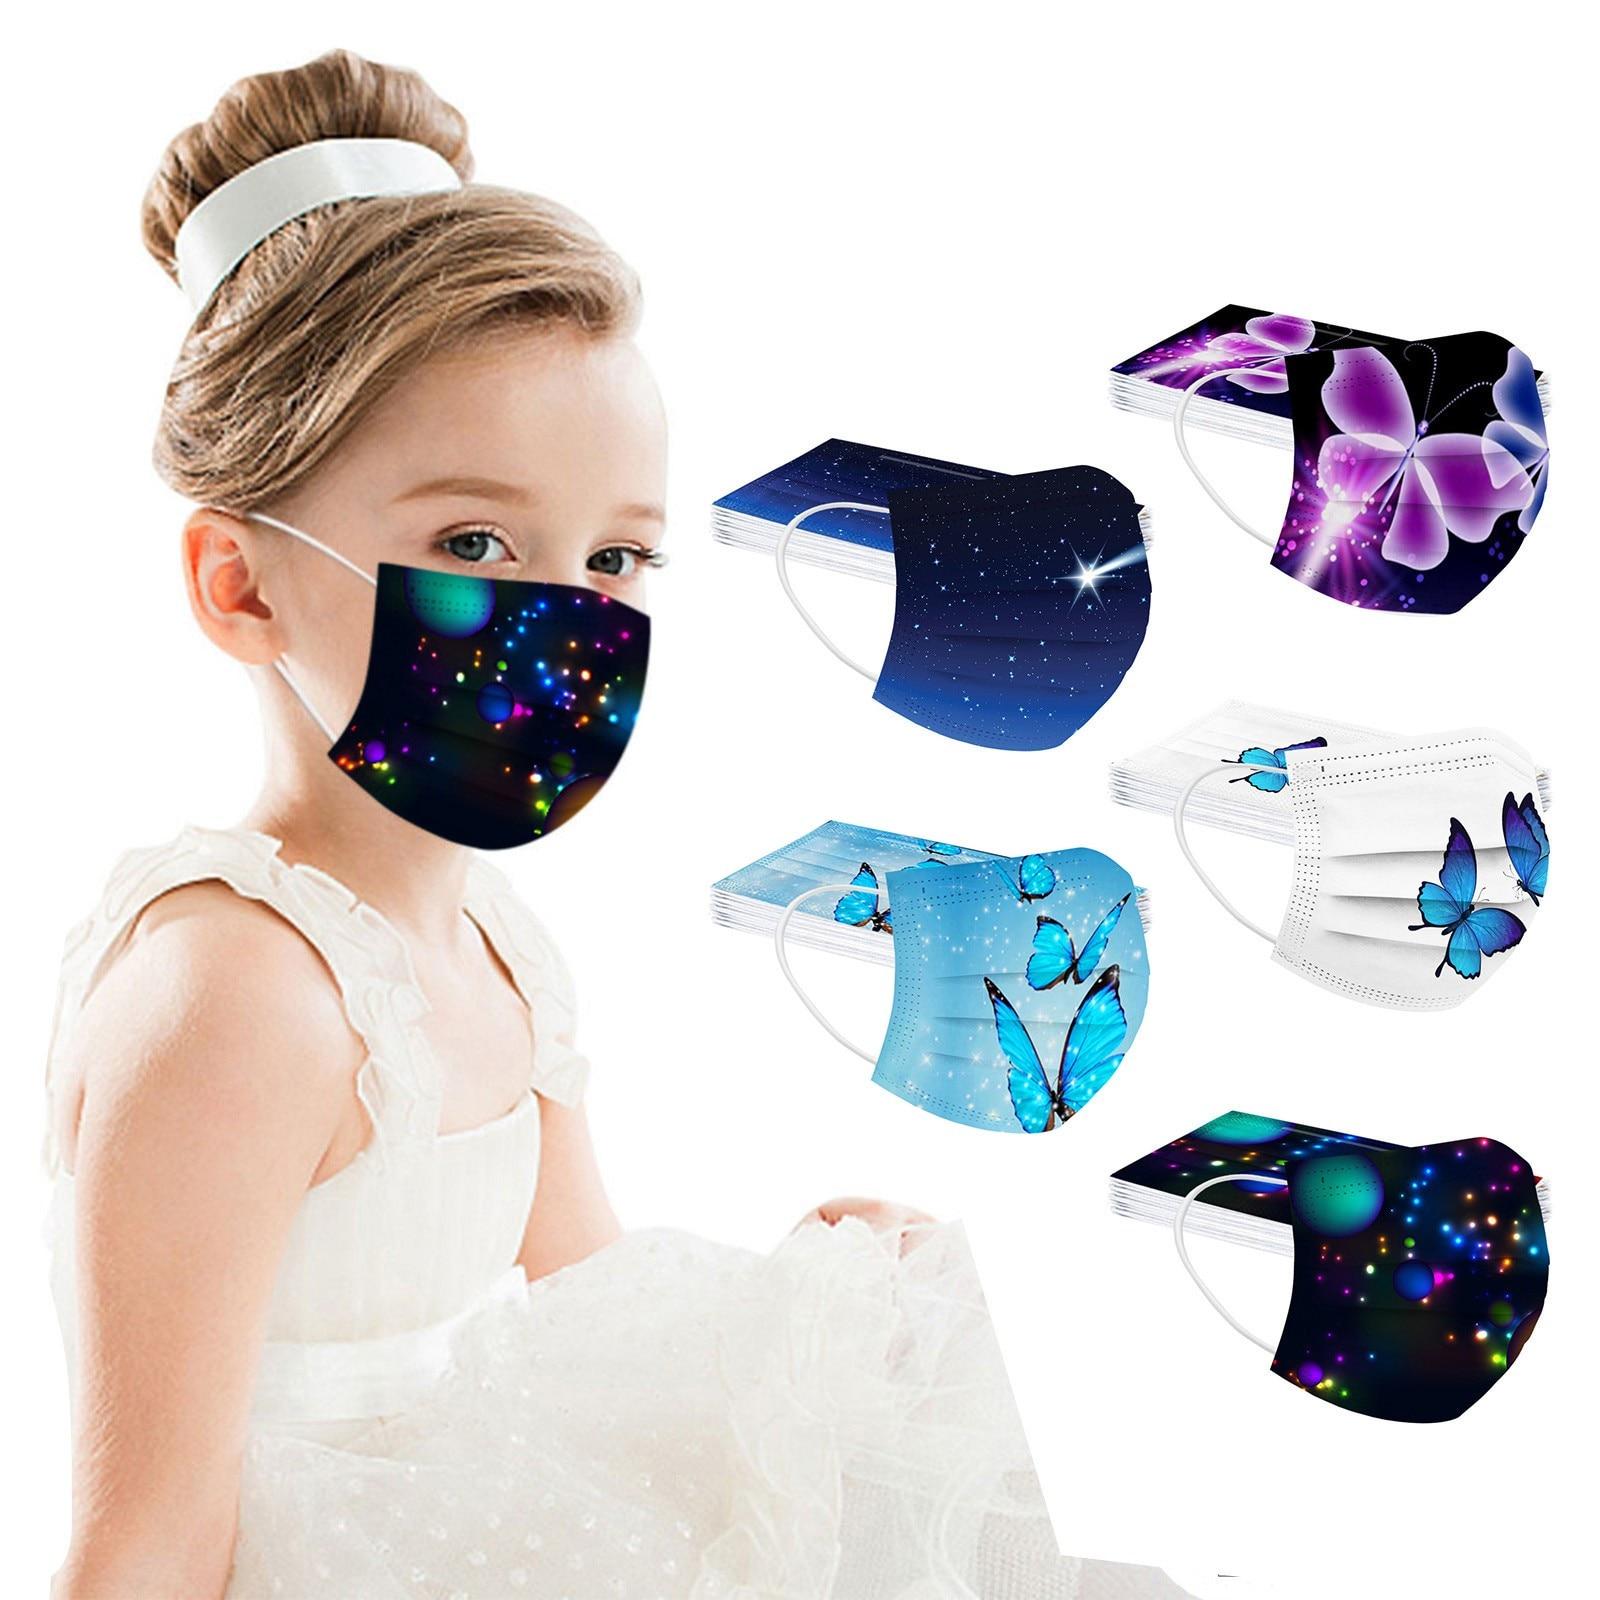 50 шт. детская маска с изображением бабочек; Маска для лица 3 слоя одноразовые защитные маски для лица петли уха дышащая маска